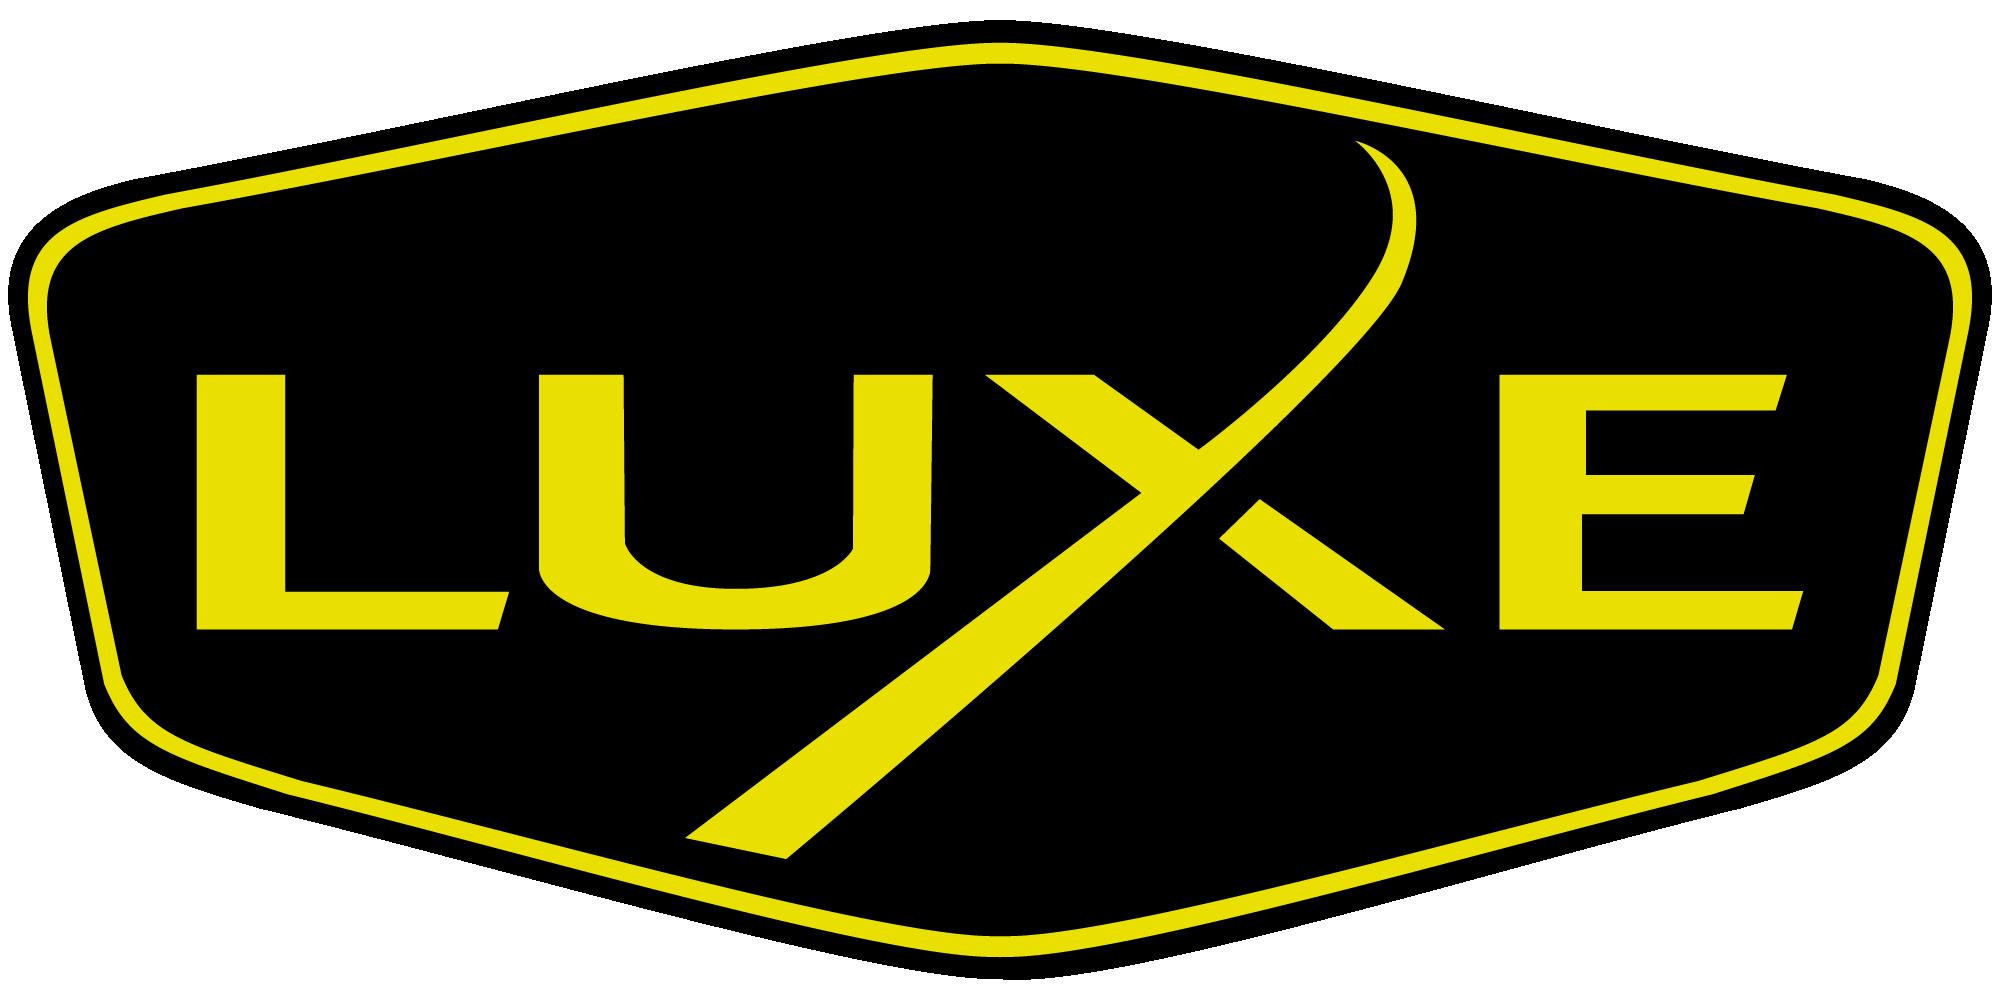 Luxe Auto Concepts: Headlight & Taillight Tint Kit Overlays